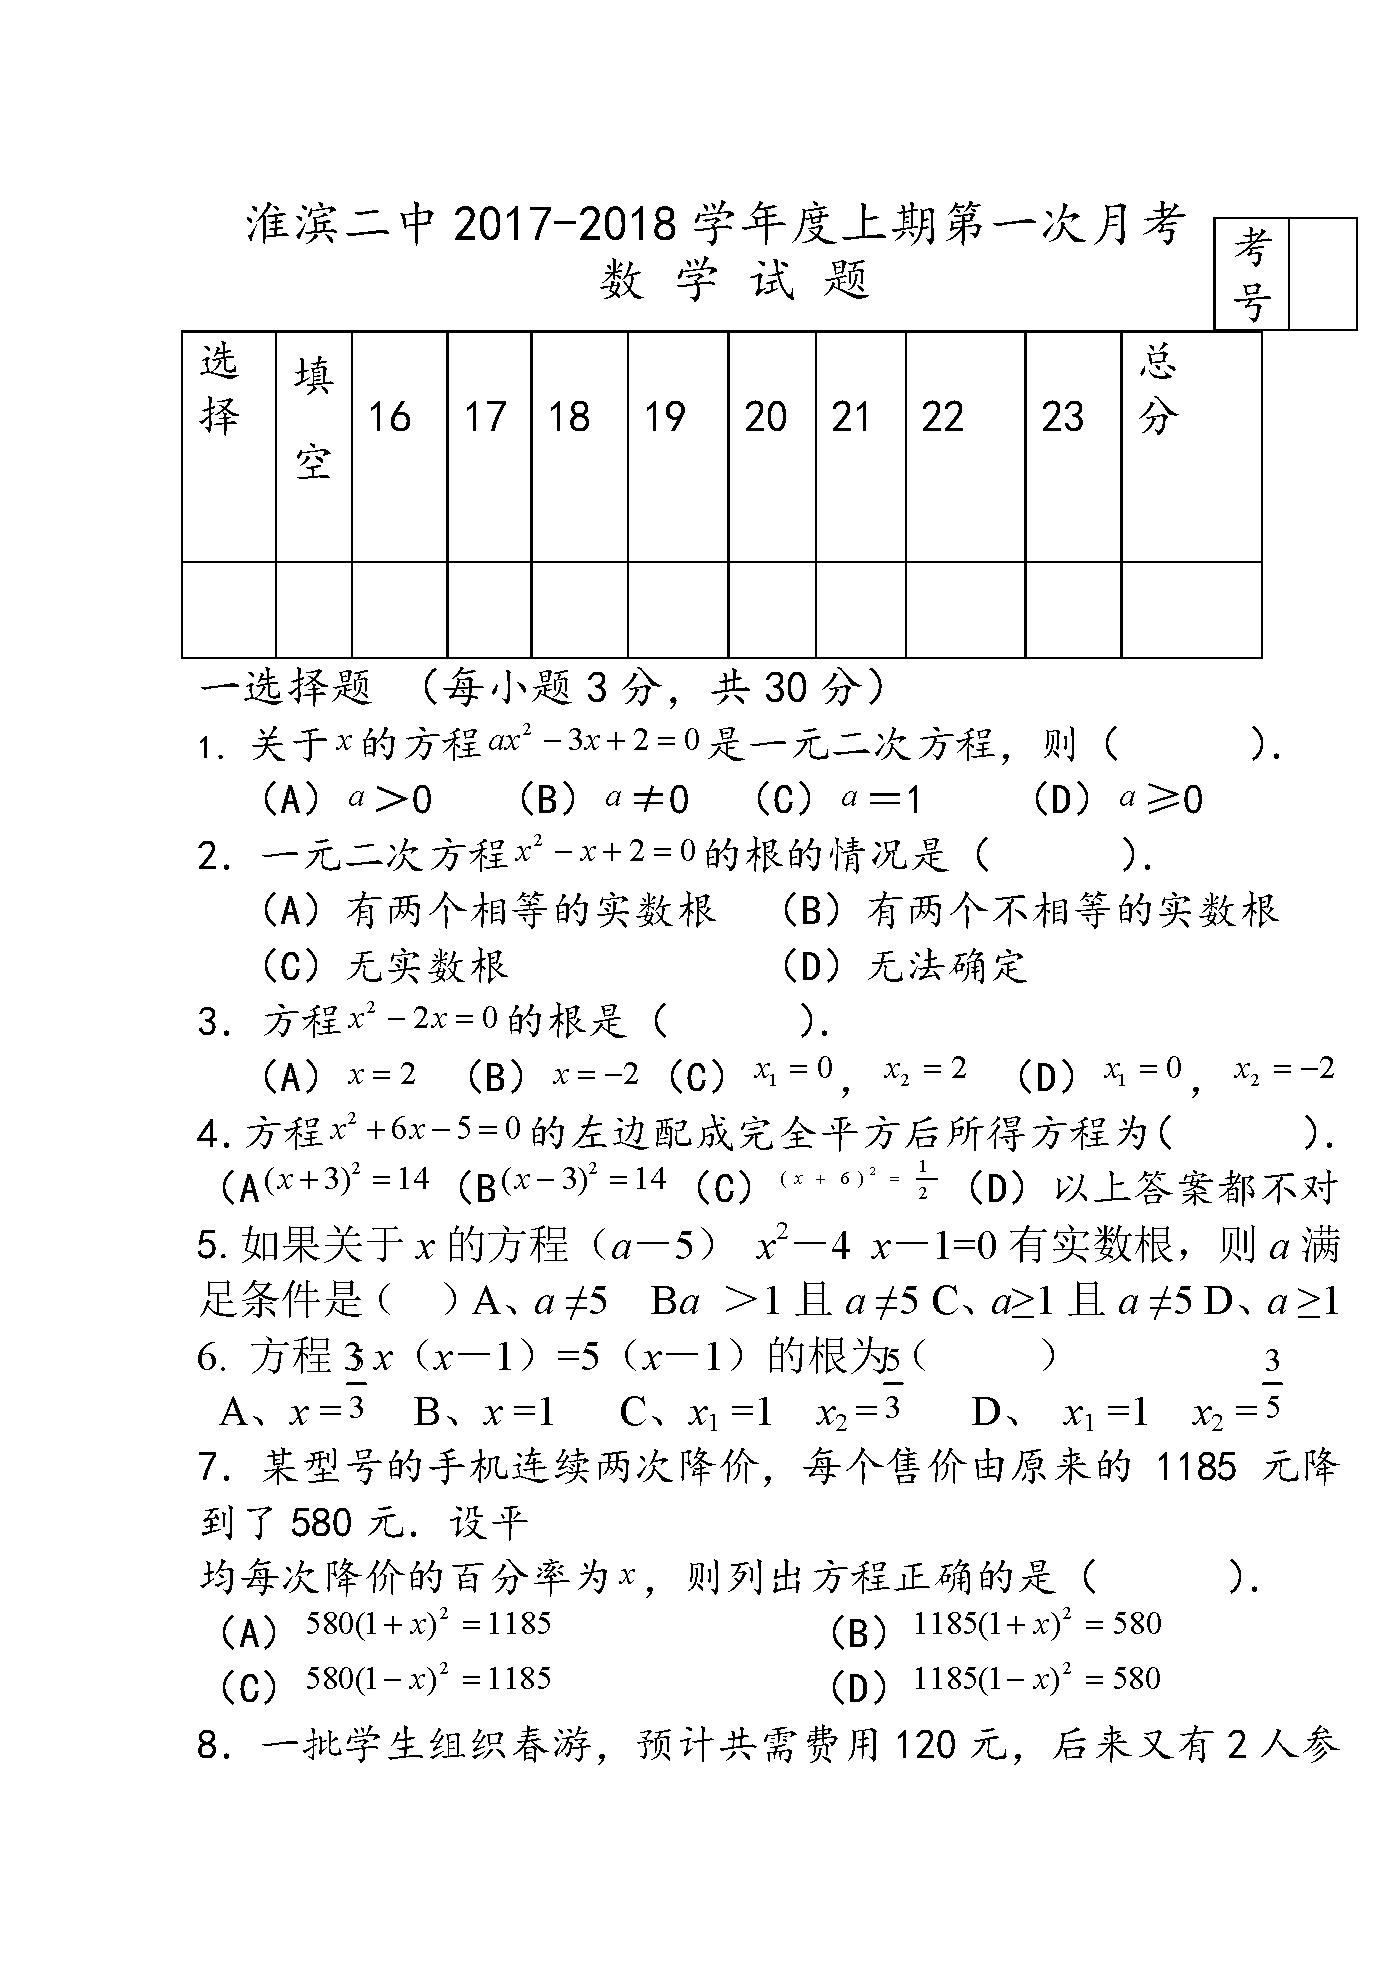 河南淮滨二中2017-2018九年级上第一次月考数学试卷(Word版)